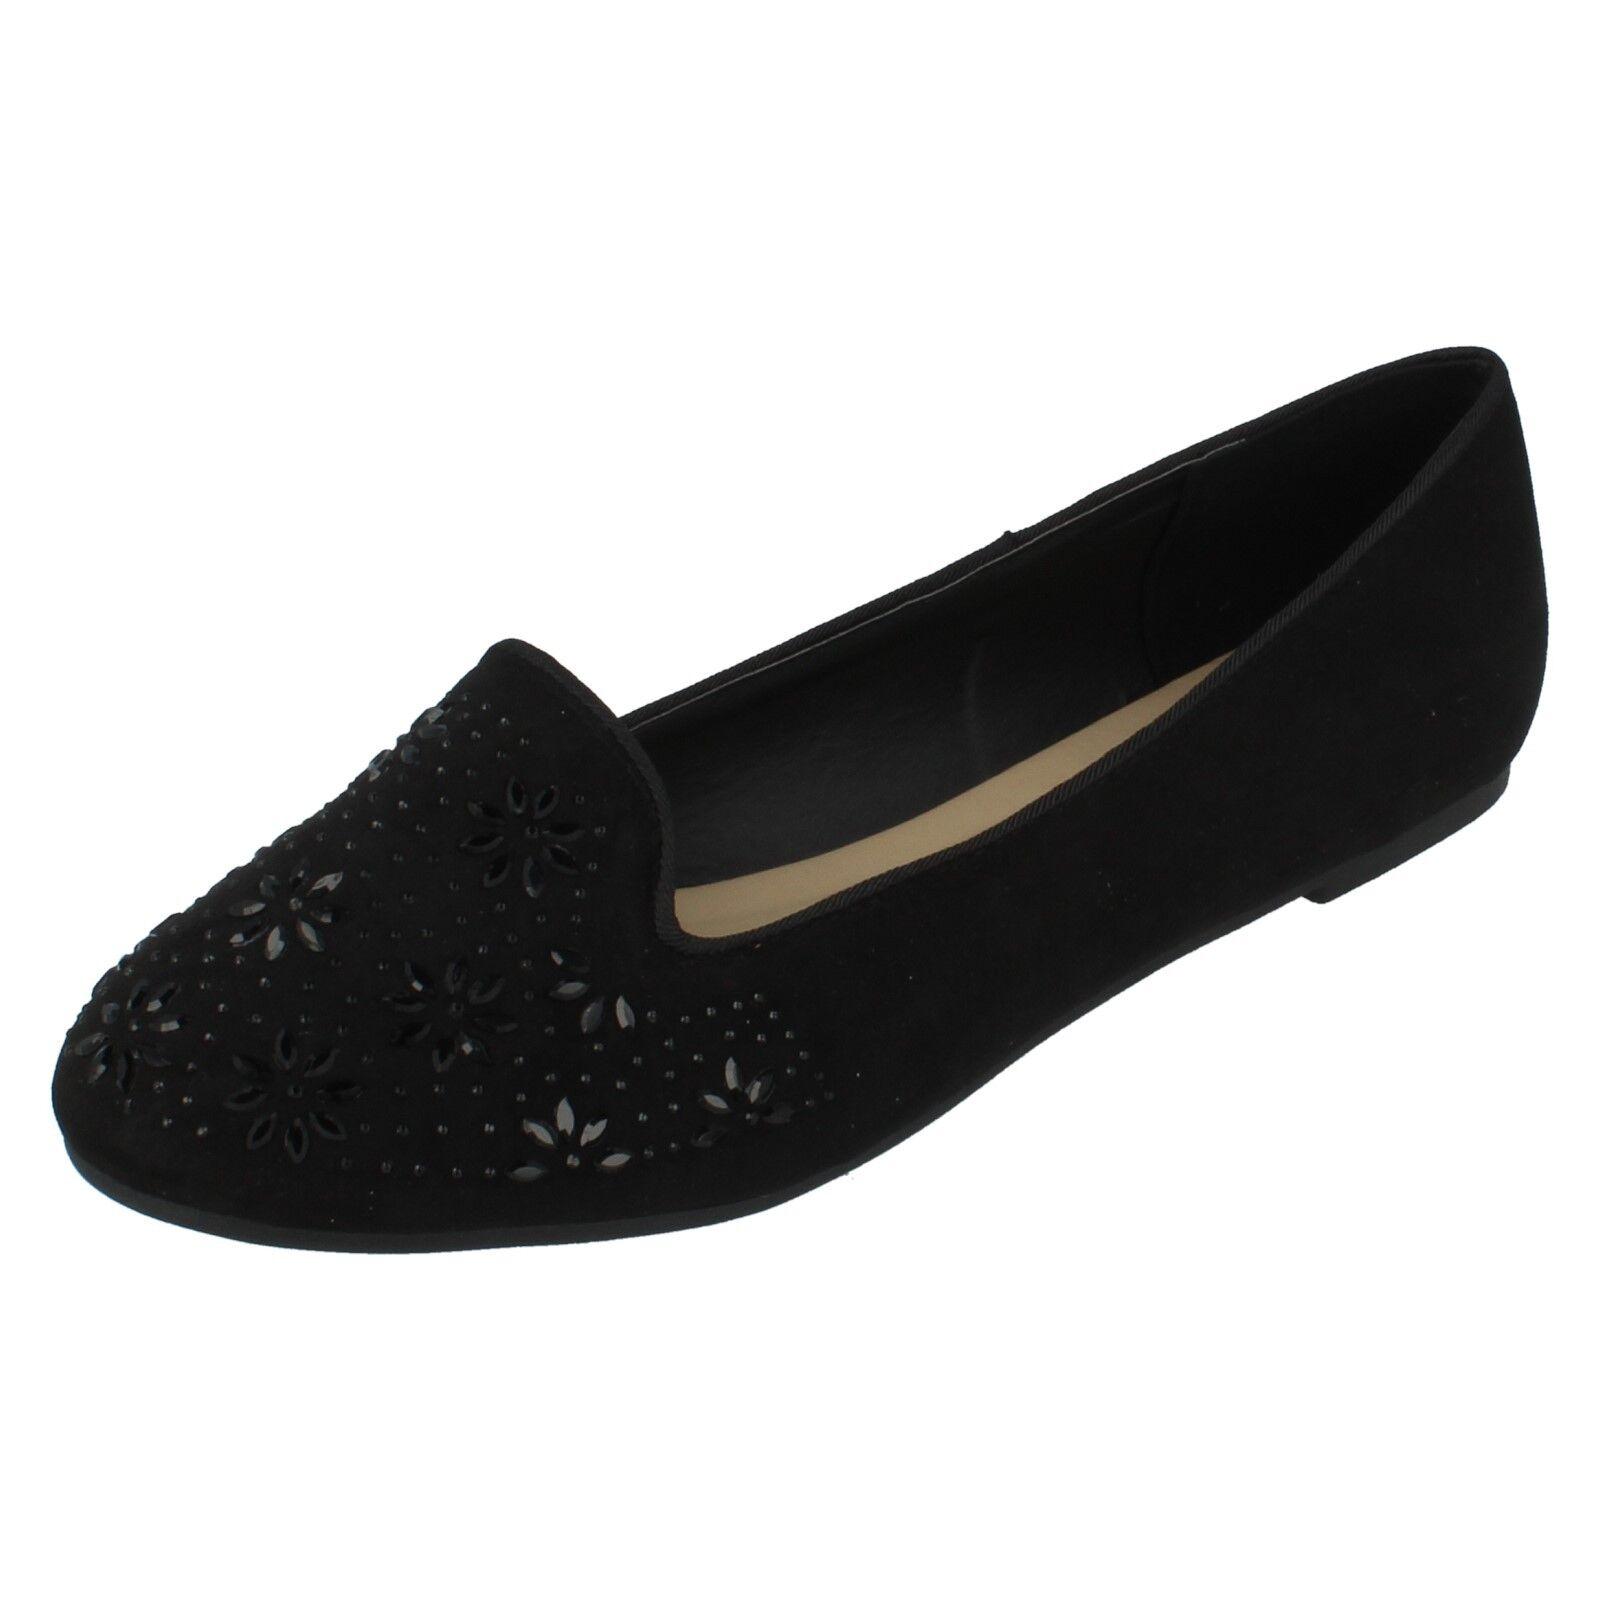 Mujer Zapatos Spot On Textil Negro  Zapatos Mujer  Sin Cordones Estampado De Flores f80305 3d74c7